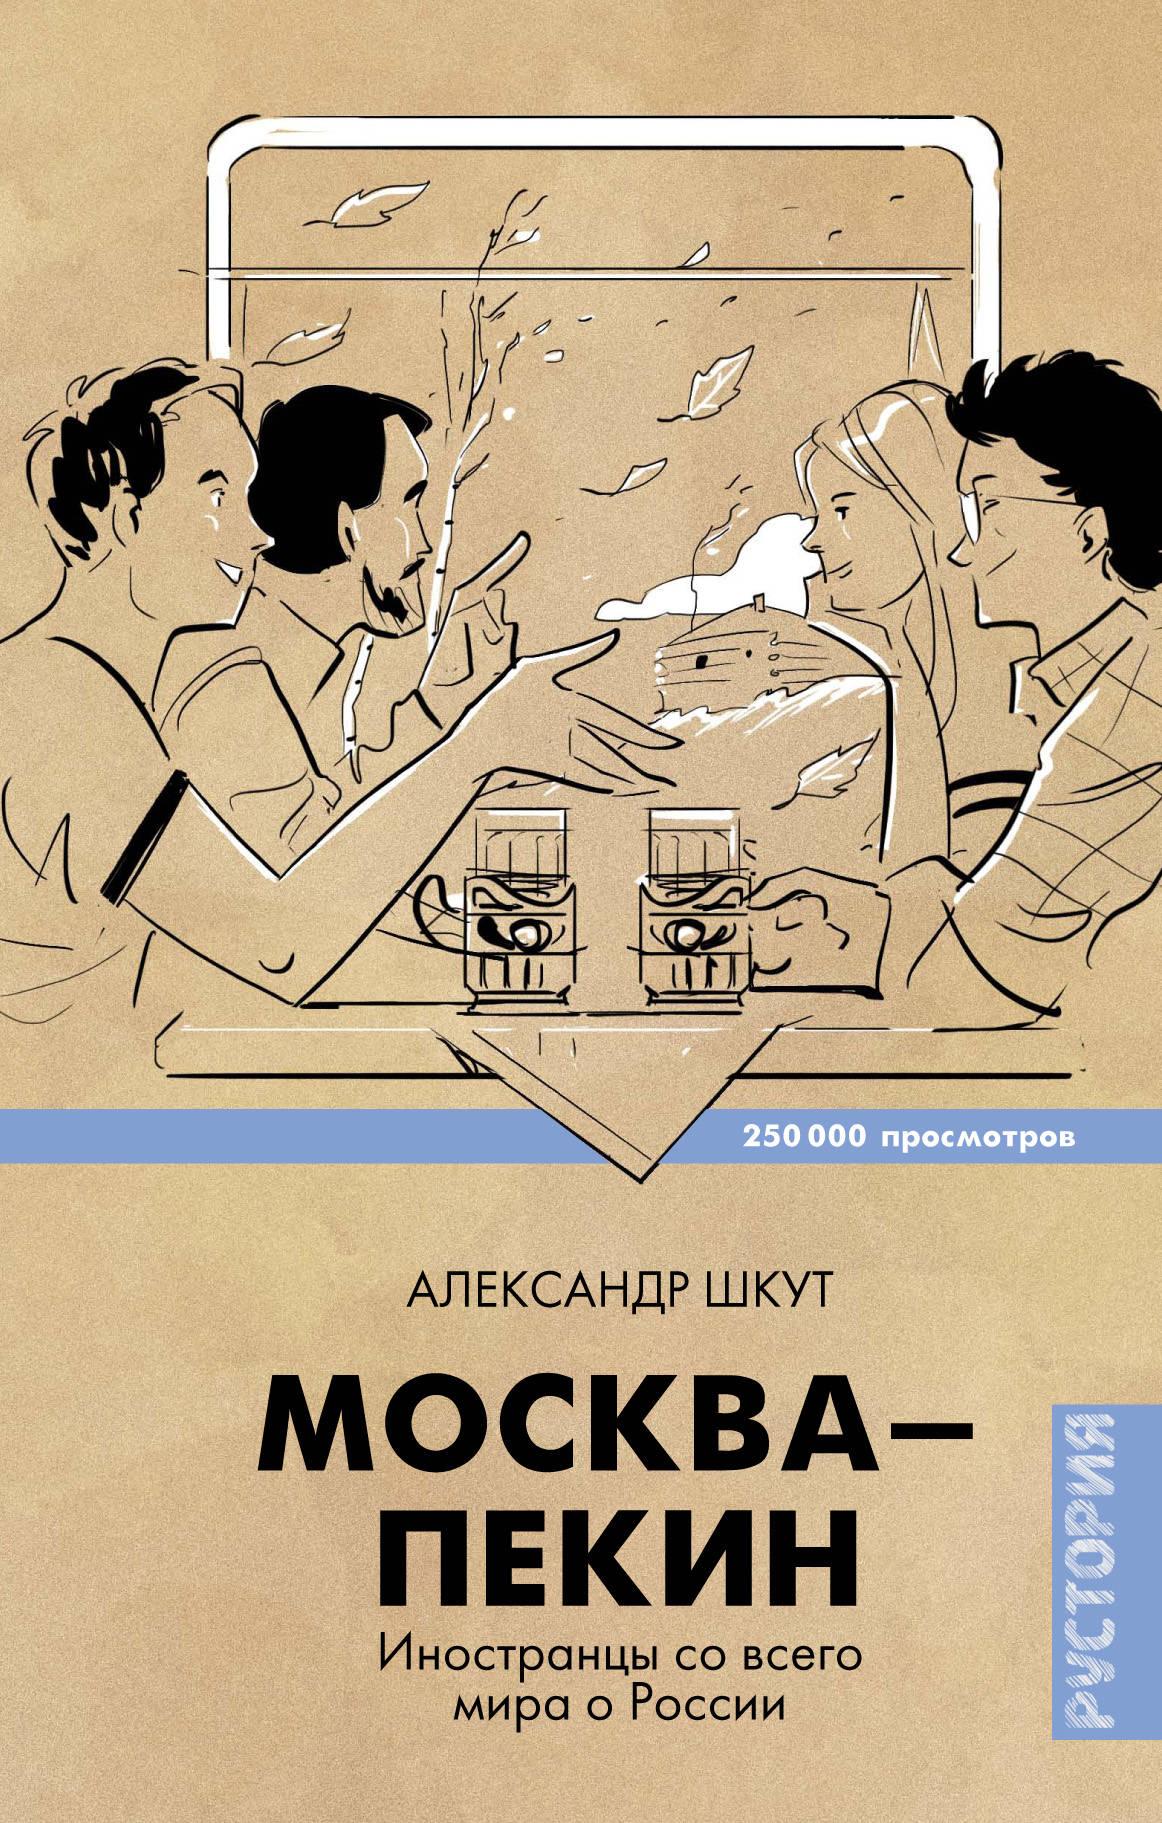 Шкут Александр Москва-Пекин краснов а пекин москва новые путевые записки непутевого человека